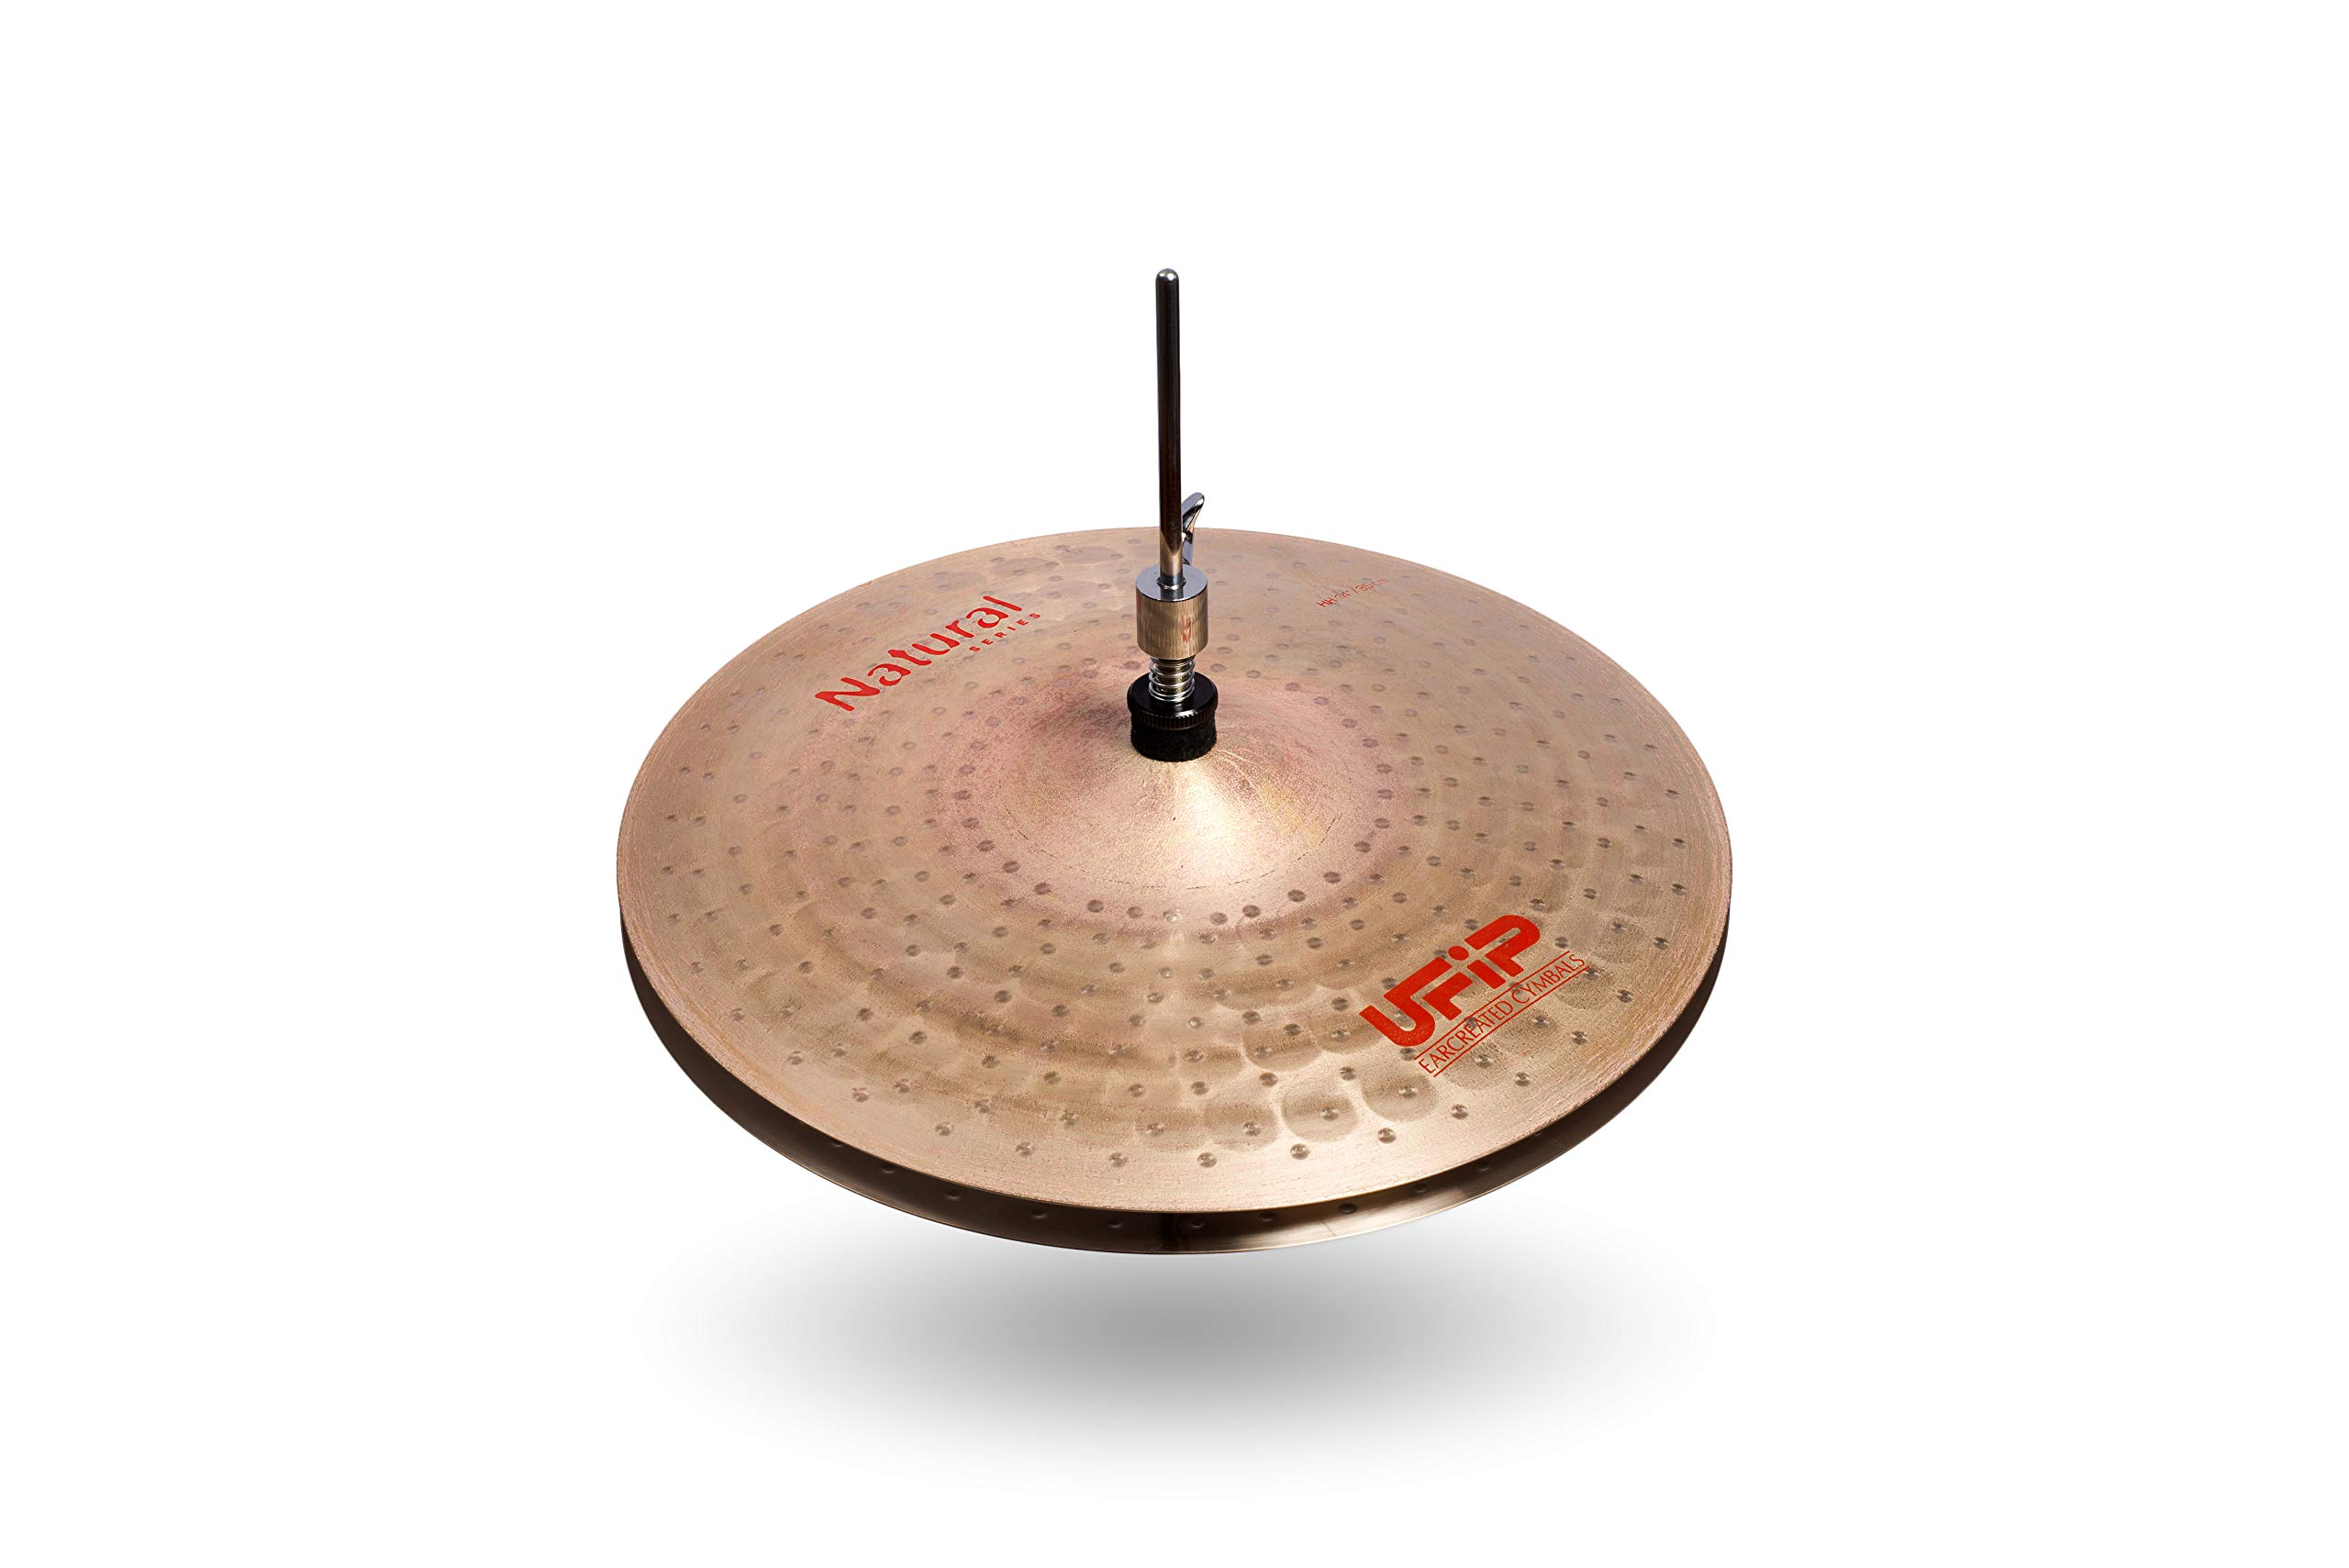 Ufip Cymbals Natural Series Hi-Hat Cymbals 14 Inch (NS-14LHH